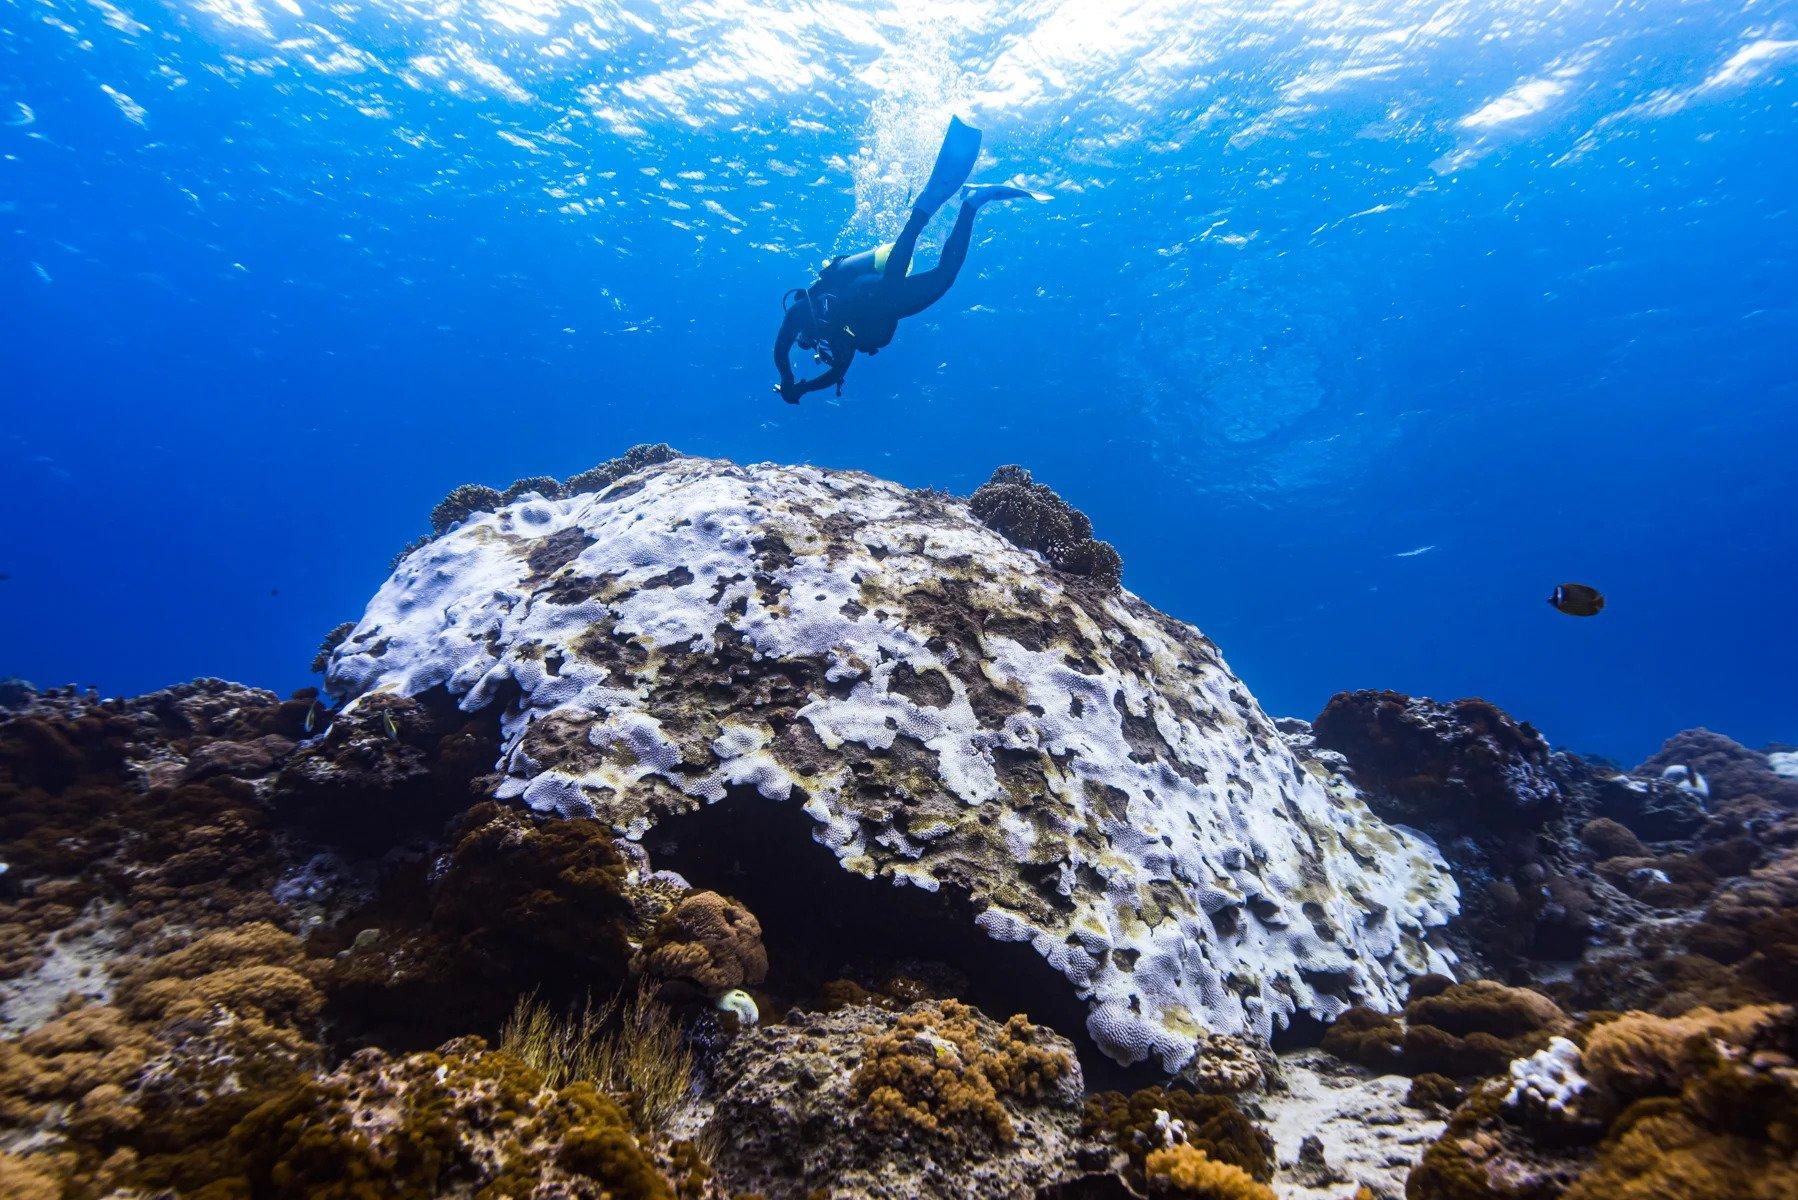 邱聰榮在海中親眼看見珊瑚礁白化的情況,短短4年內的變化如此巨大,讓他心情很複雜。